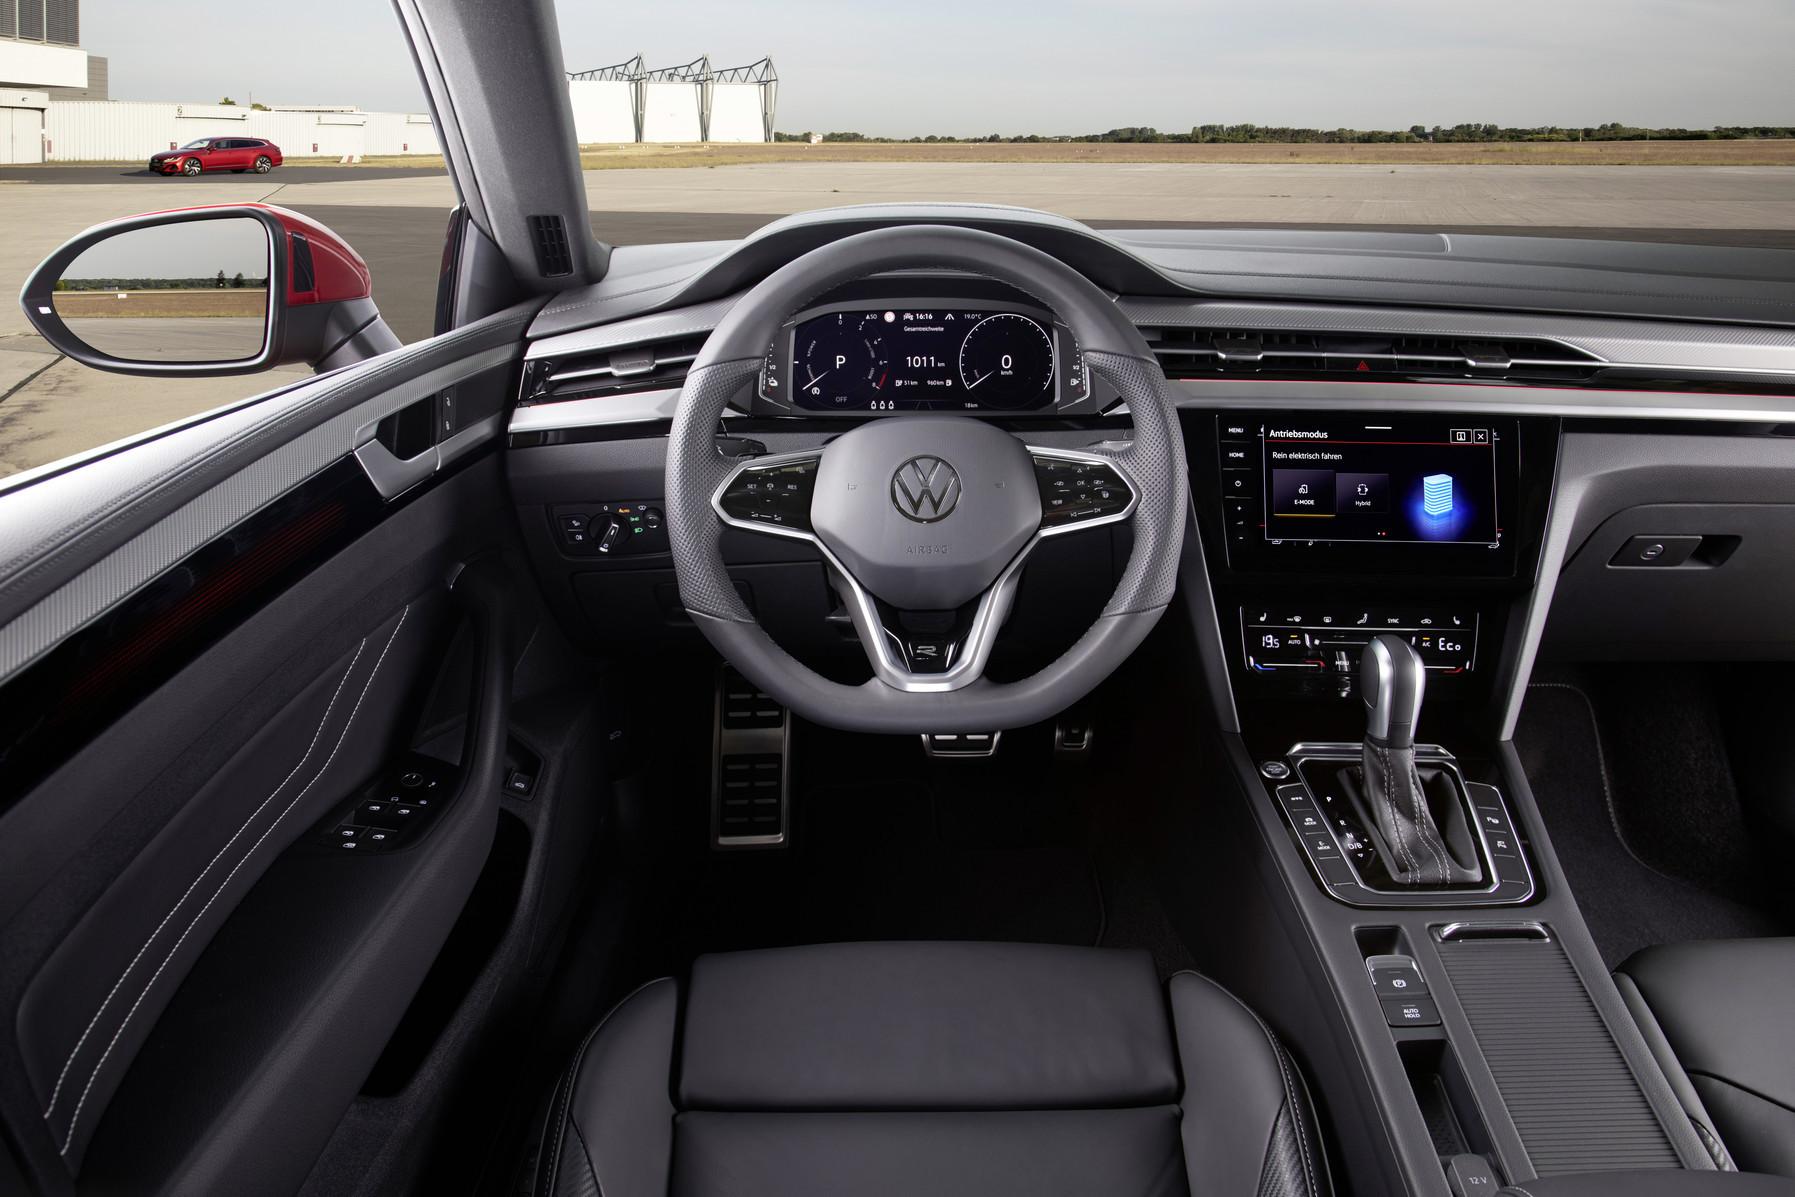 Volkswagen Arteon Shooting Brake - Volkswagen Arteon Shooting Brake